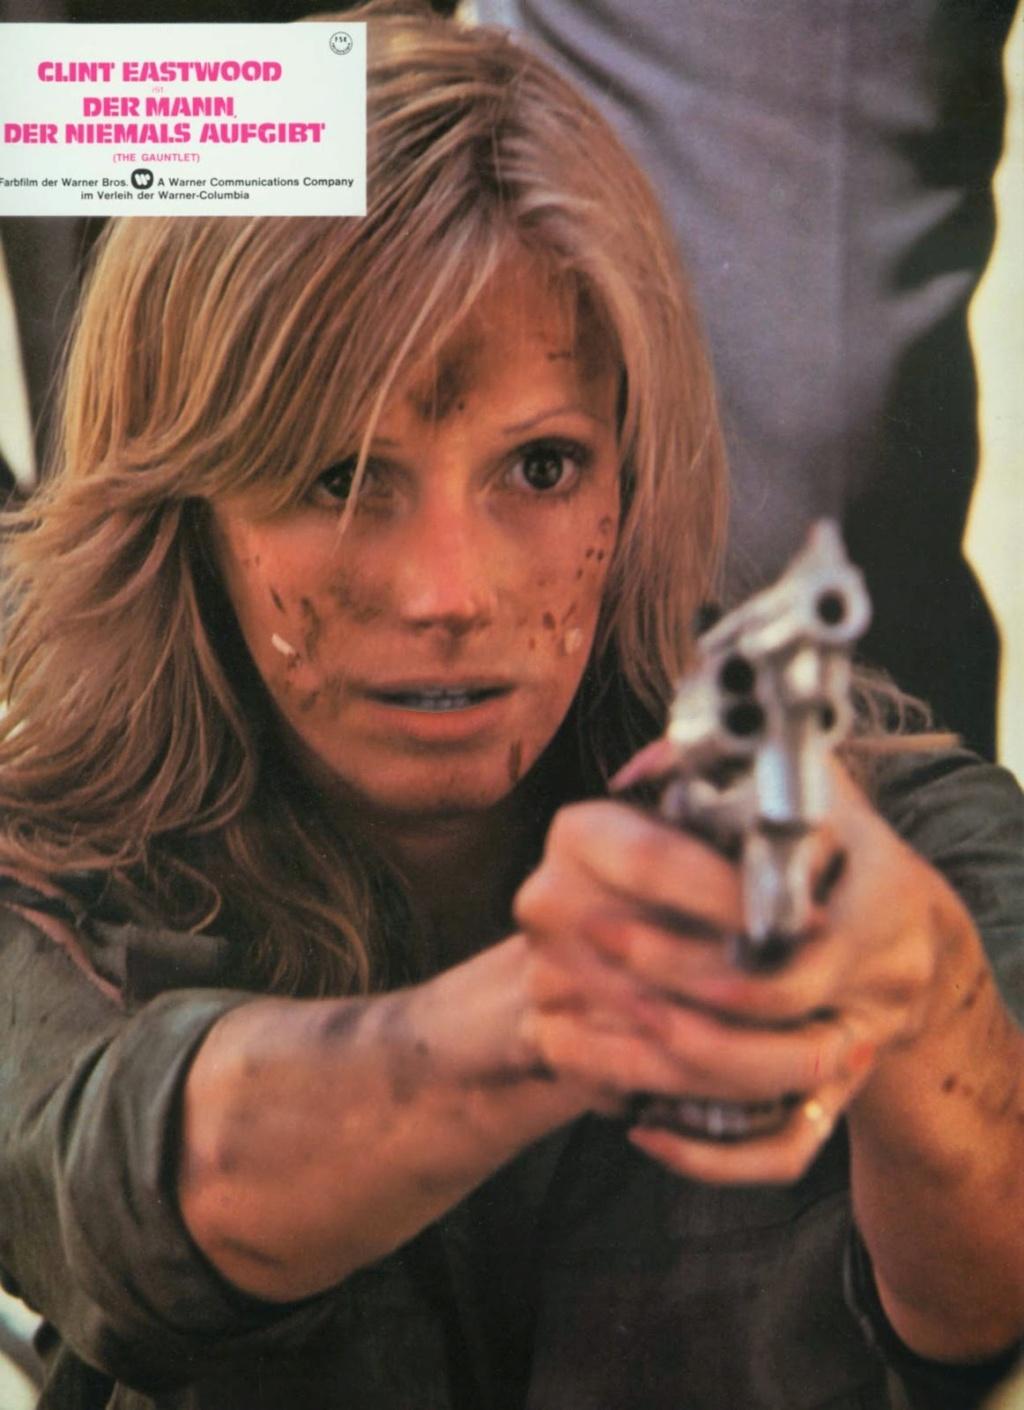 L'épreuve de Force - The Gauntlet - 1977 - Clint Eastwood 4310